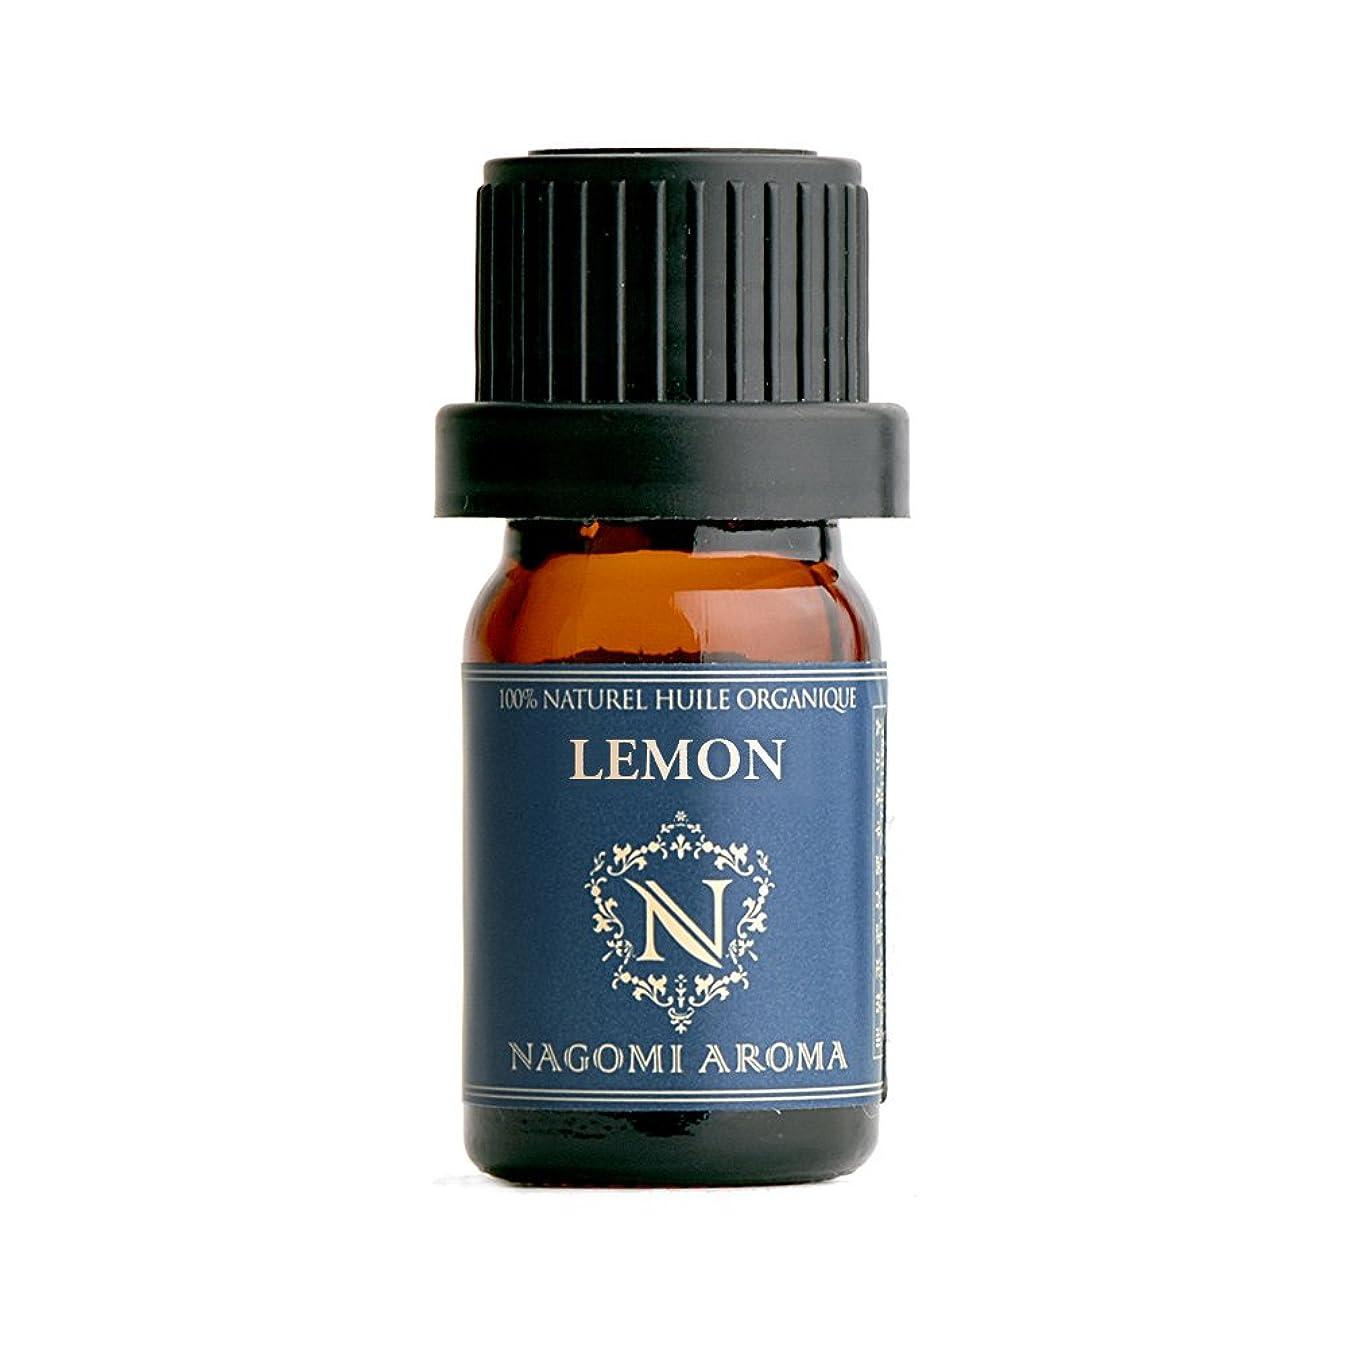 農業の開始フロンティアNAGOMI AROMA オーガニック レモン 5ml 【AEAJ認定精油】【アロマオイル】